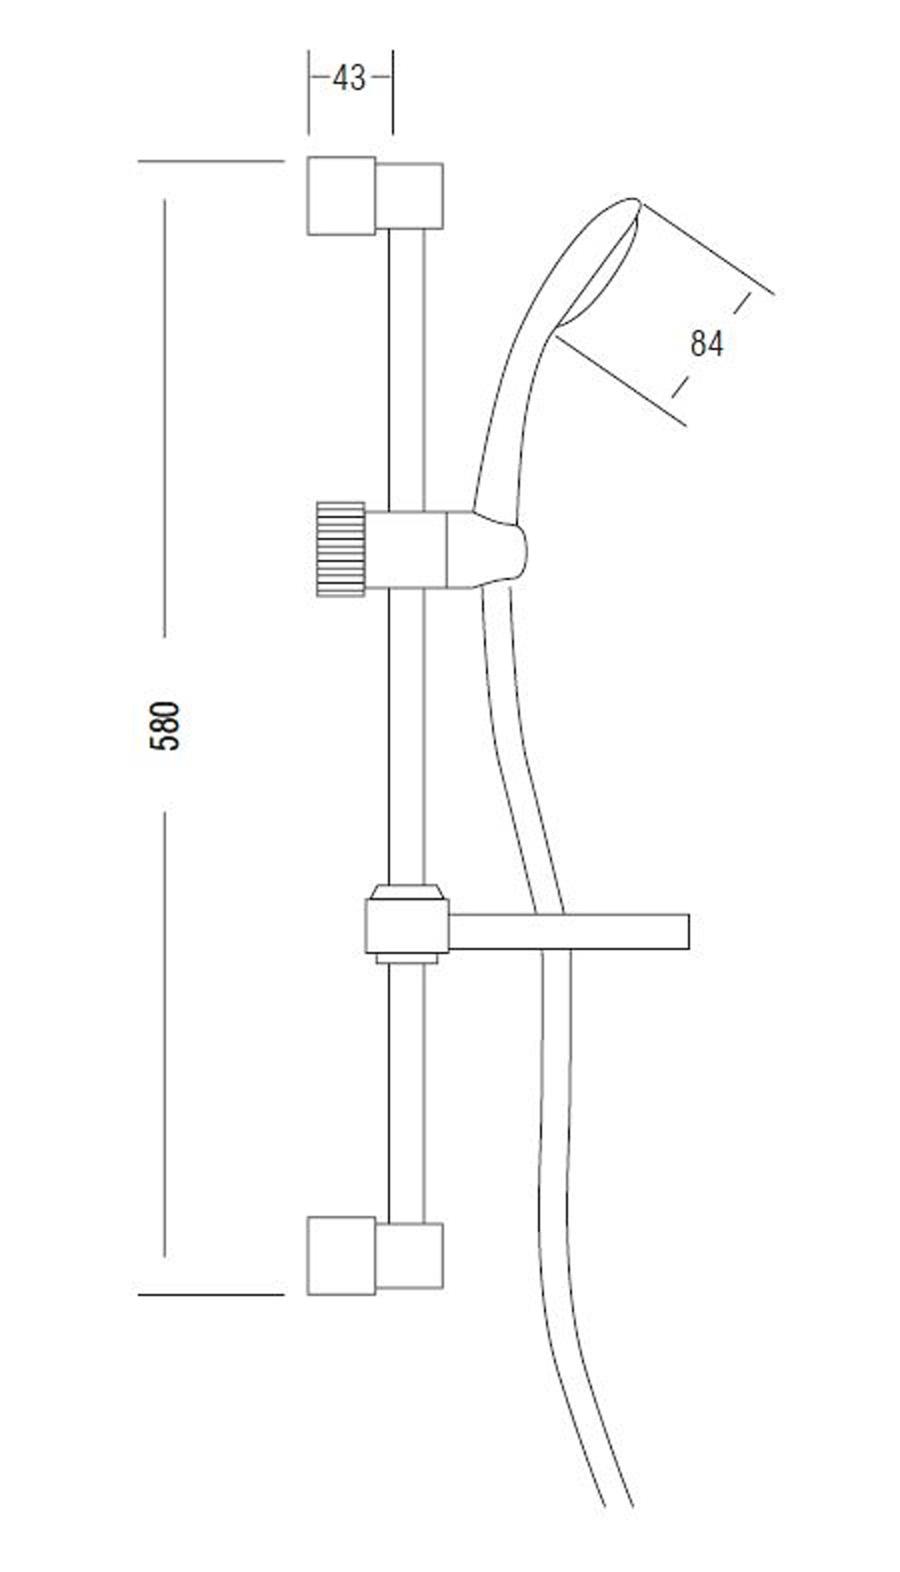 dusch set weiss handbrause duschstange duschschlauch brausegarnitur seifenschale ebay. Black Bedroom Furniture Sets. Home Design Ideas